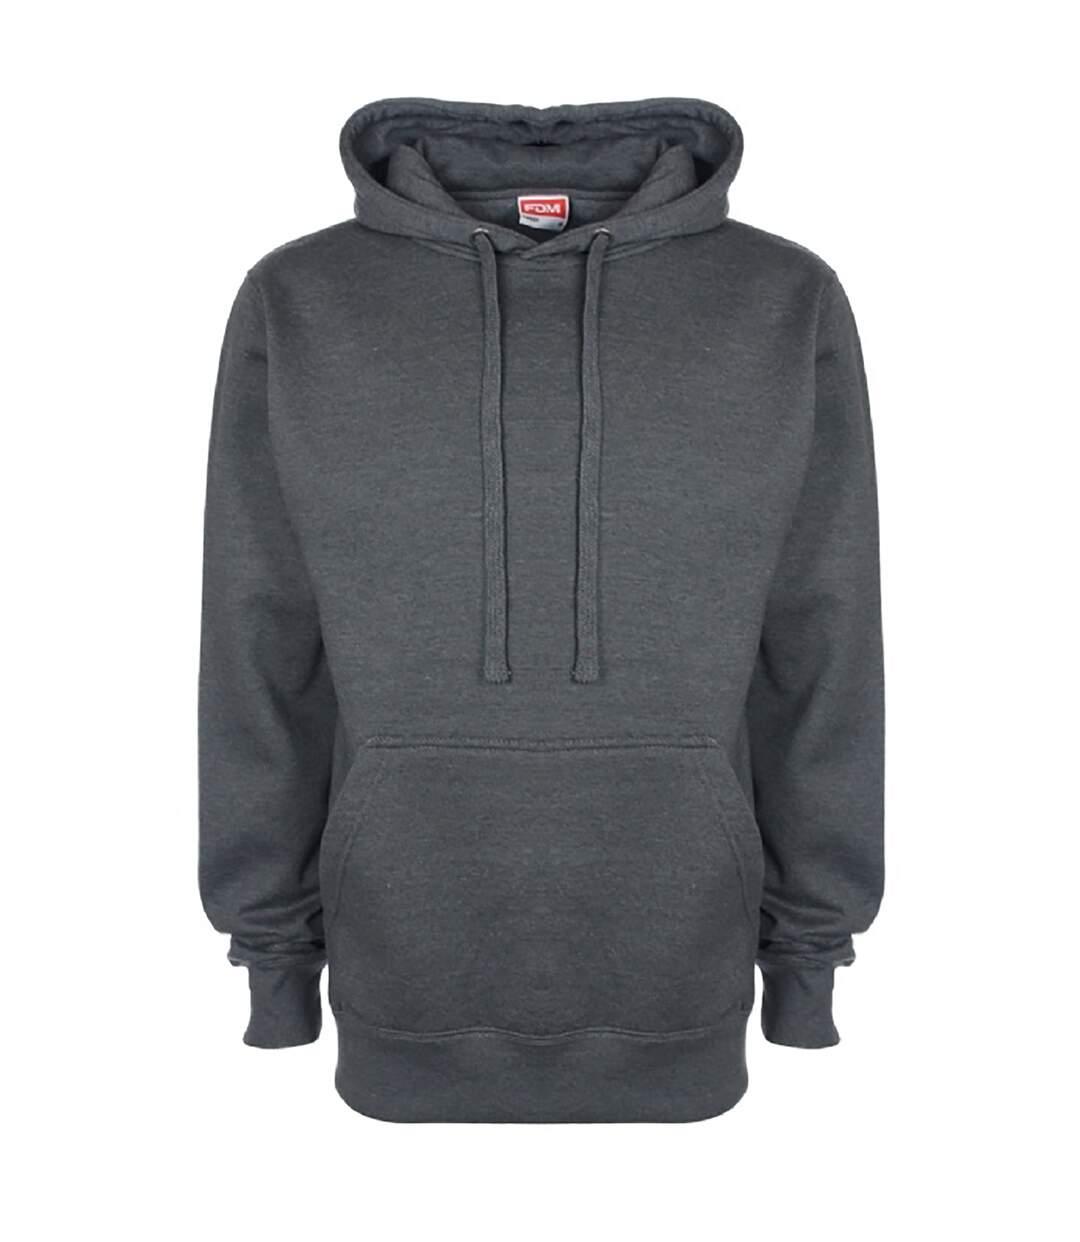 Fdm - Sweatshirt À Capuche - Homme (Gris foncé) - UTBC2024